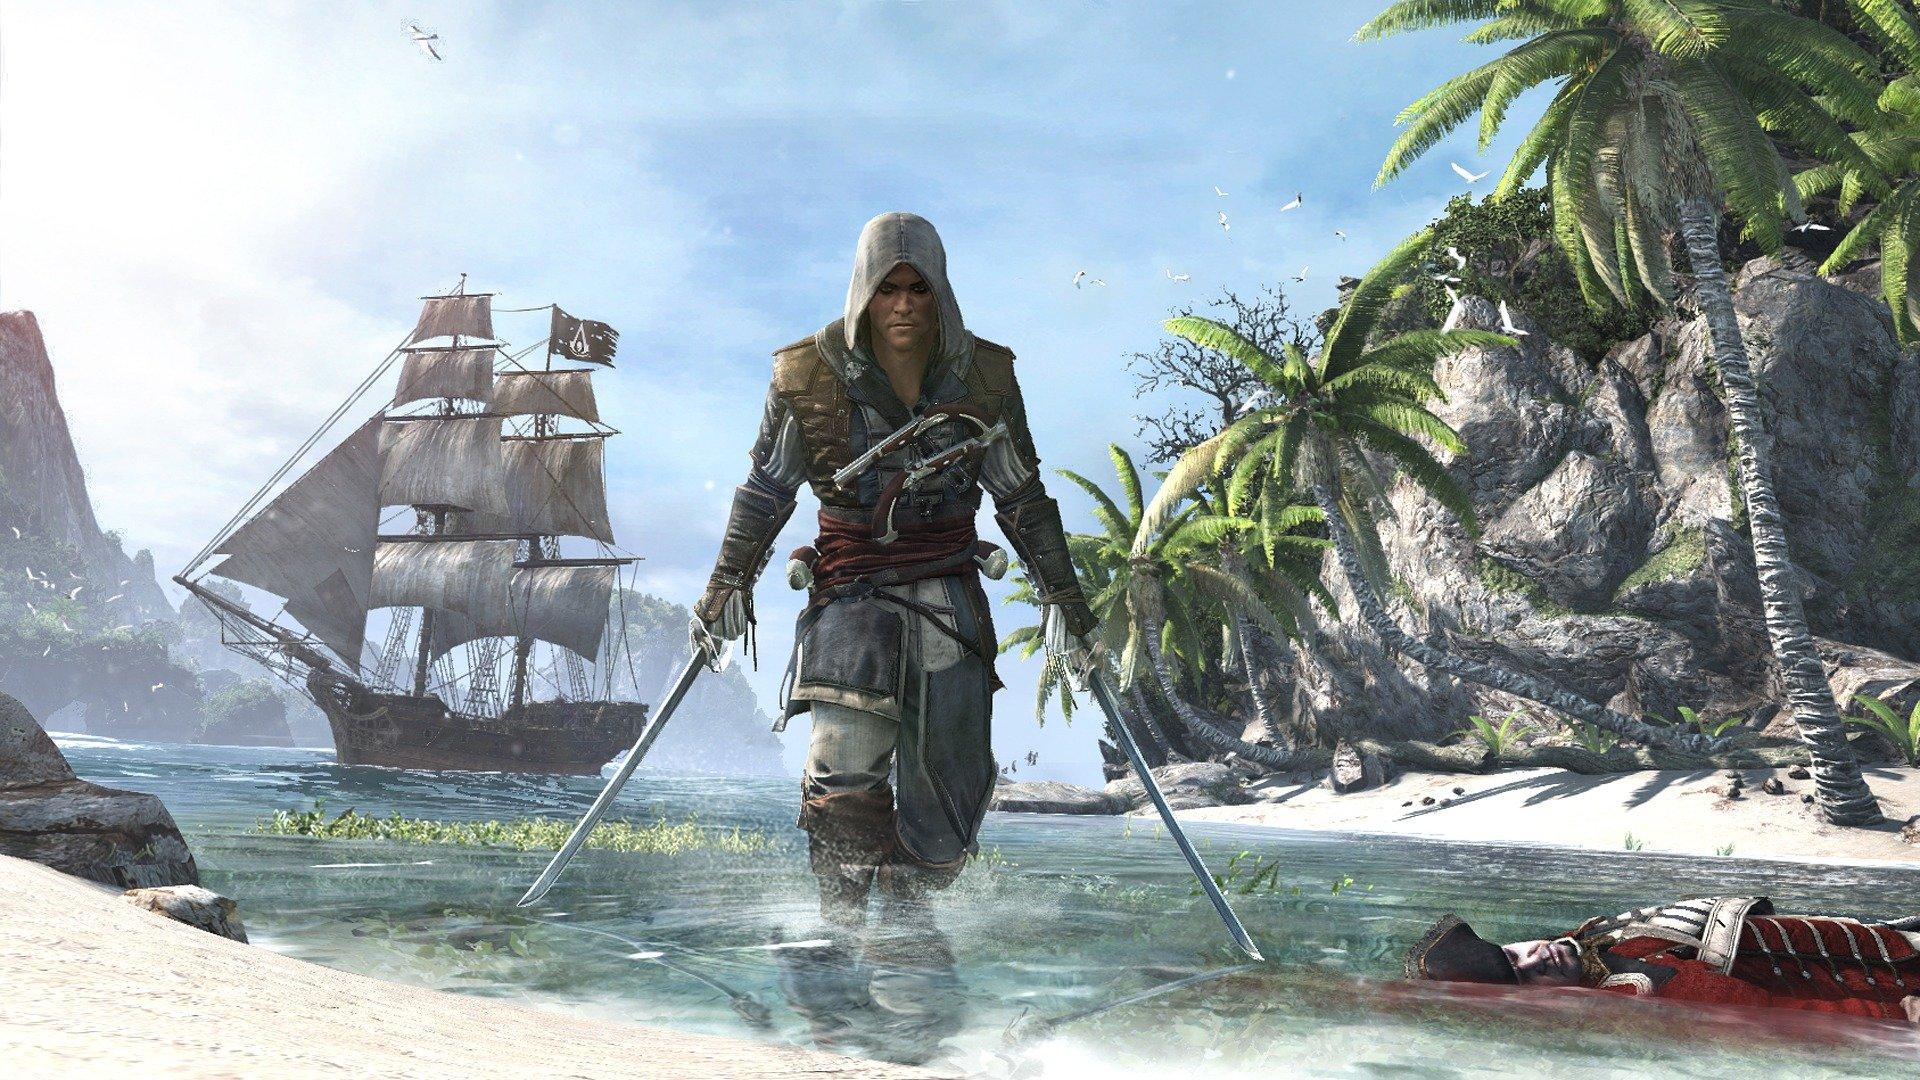 Голливудский актер Майкл Фассбендер заверил поклонников, что работы по созданию фильма Assassin's Creed идут полным  .... - Изображение 1